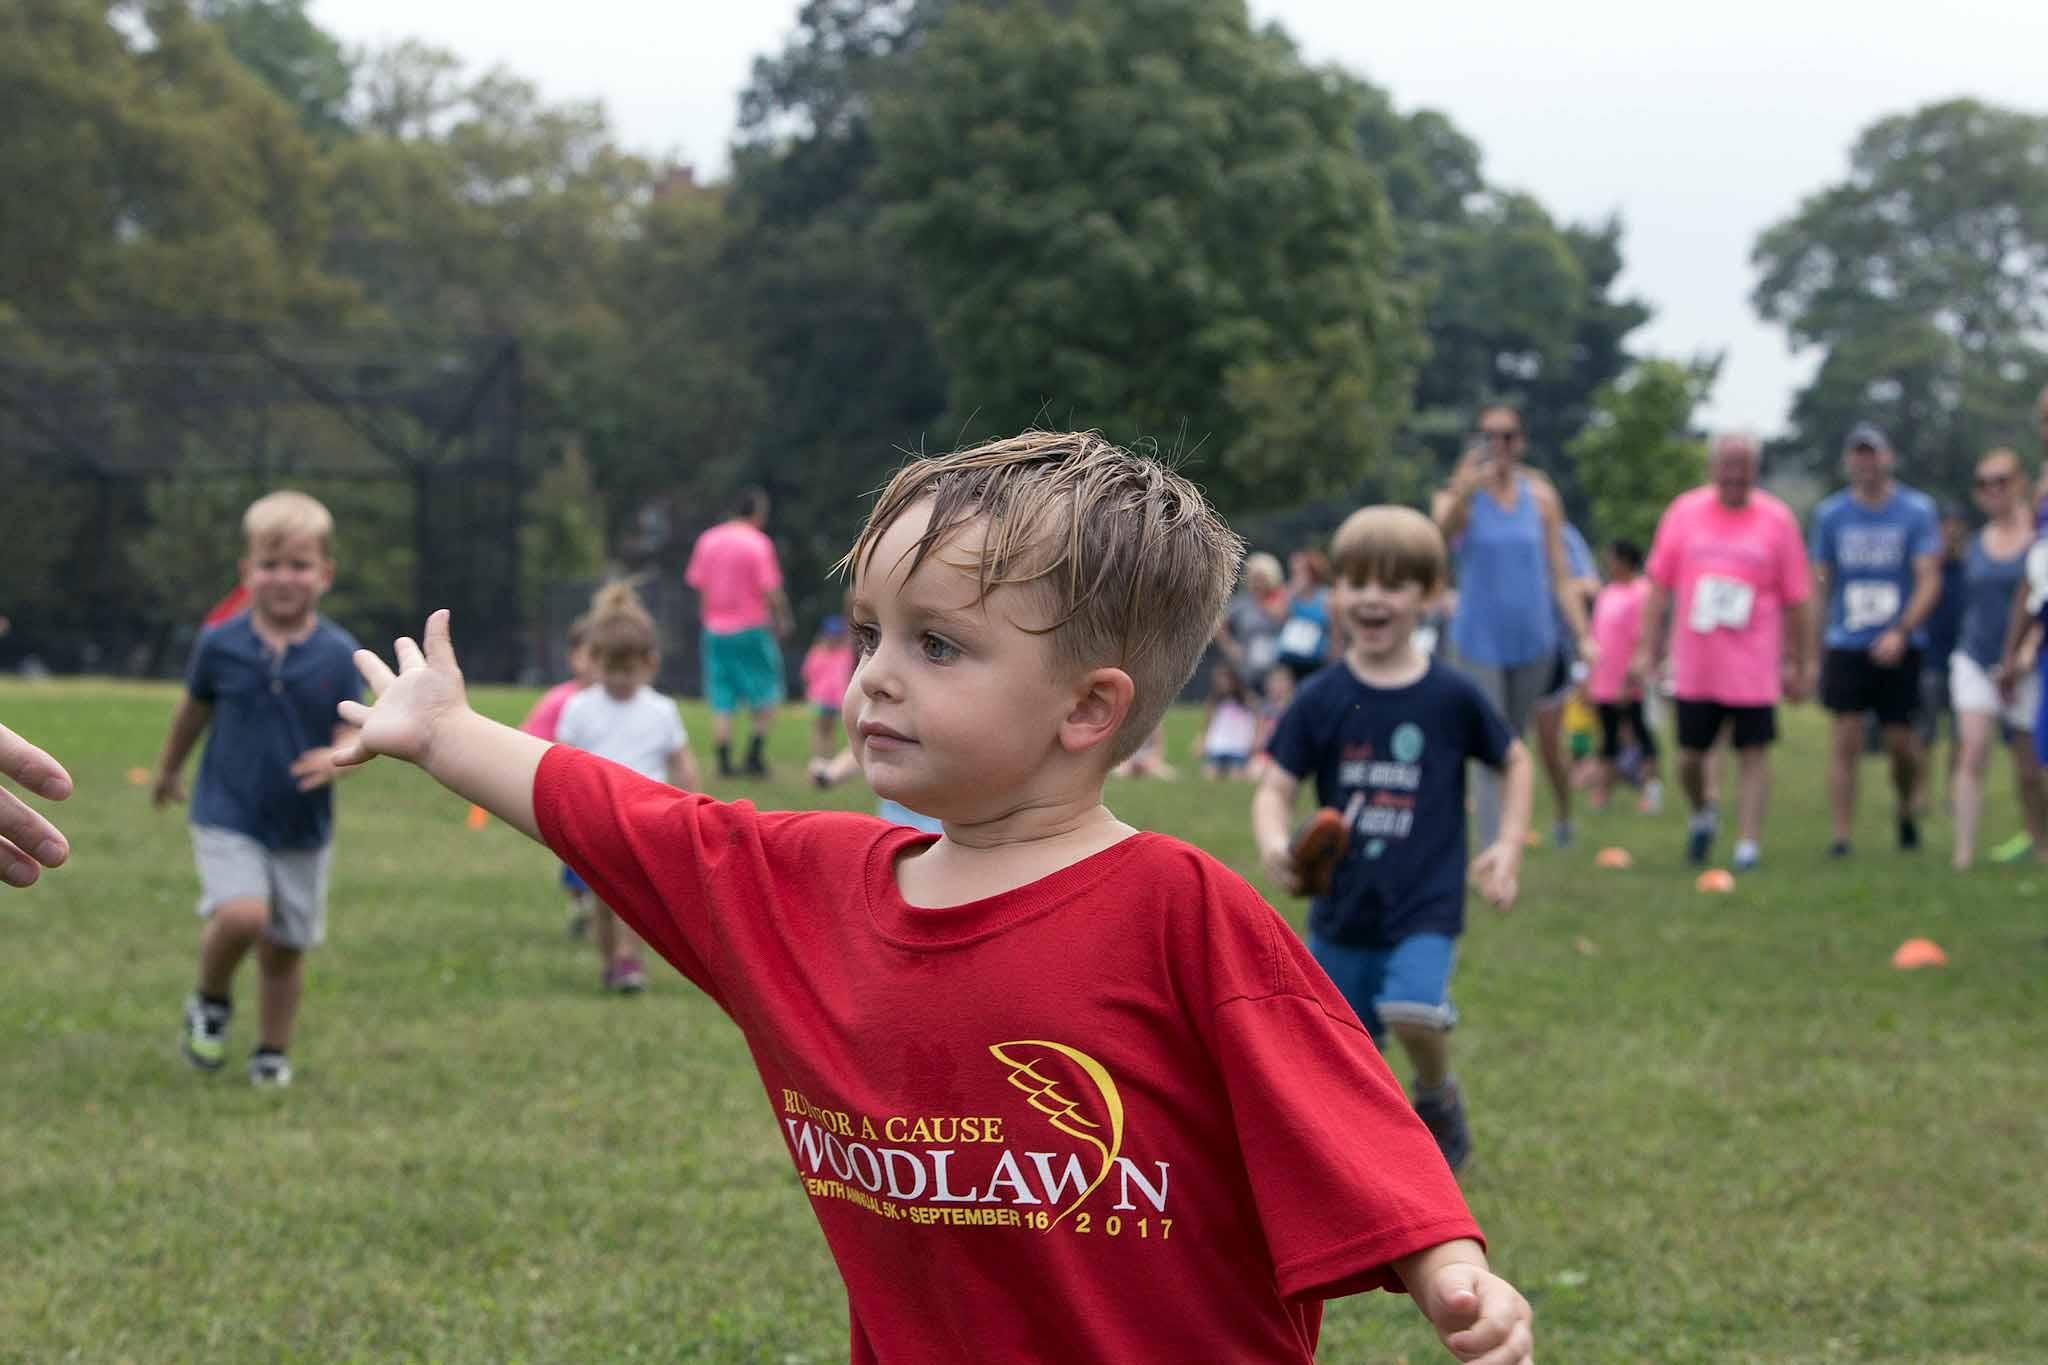 194-Woodlawn Run for a Cause-577.jpg